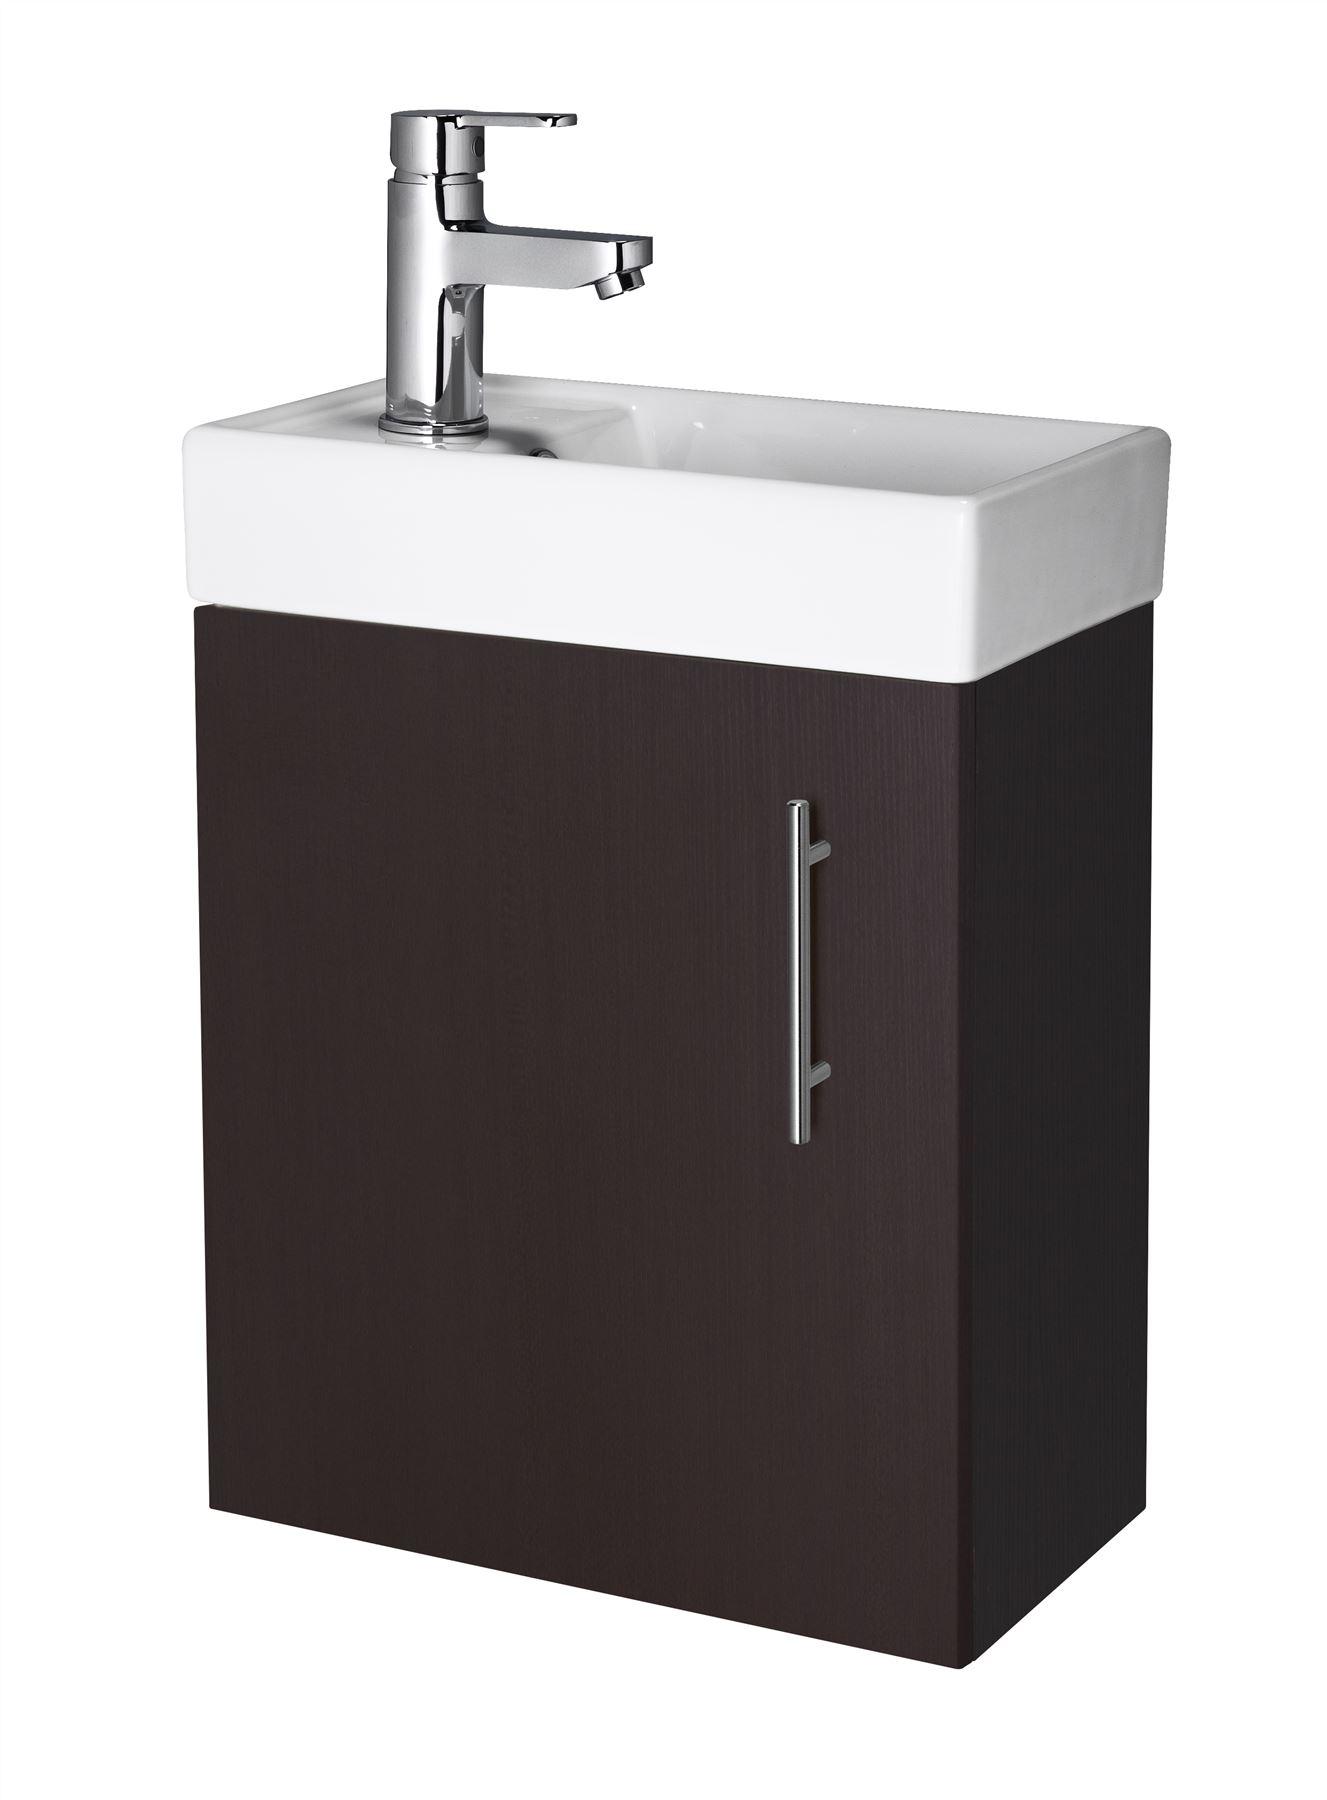 Compact 400mm Bathroom Cloakroom Vanity Unit Basin Sink Floor Wall Hung Ebay